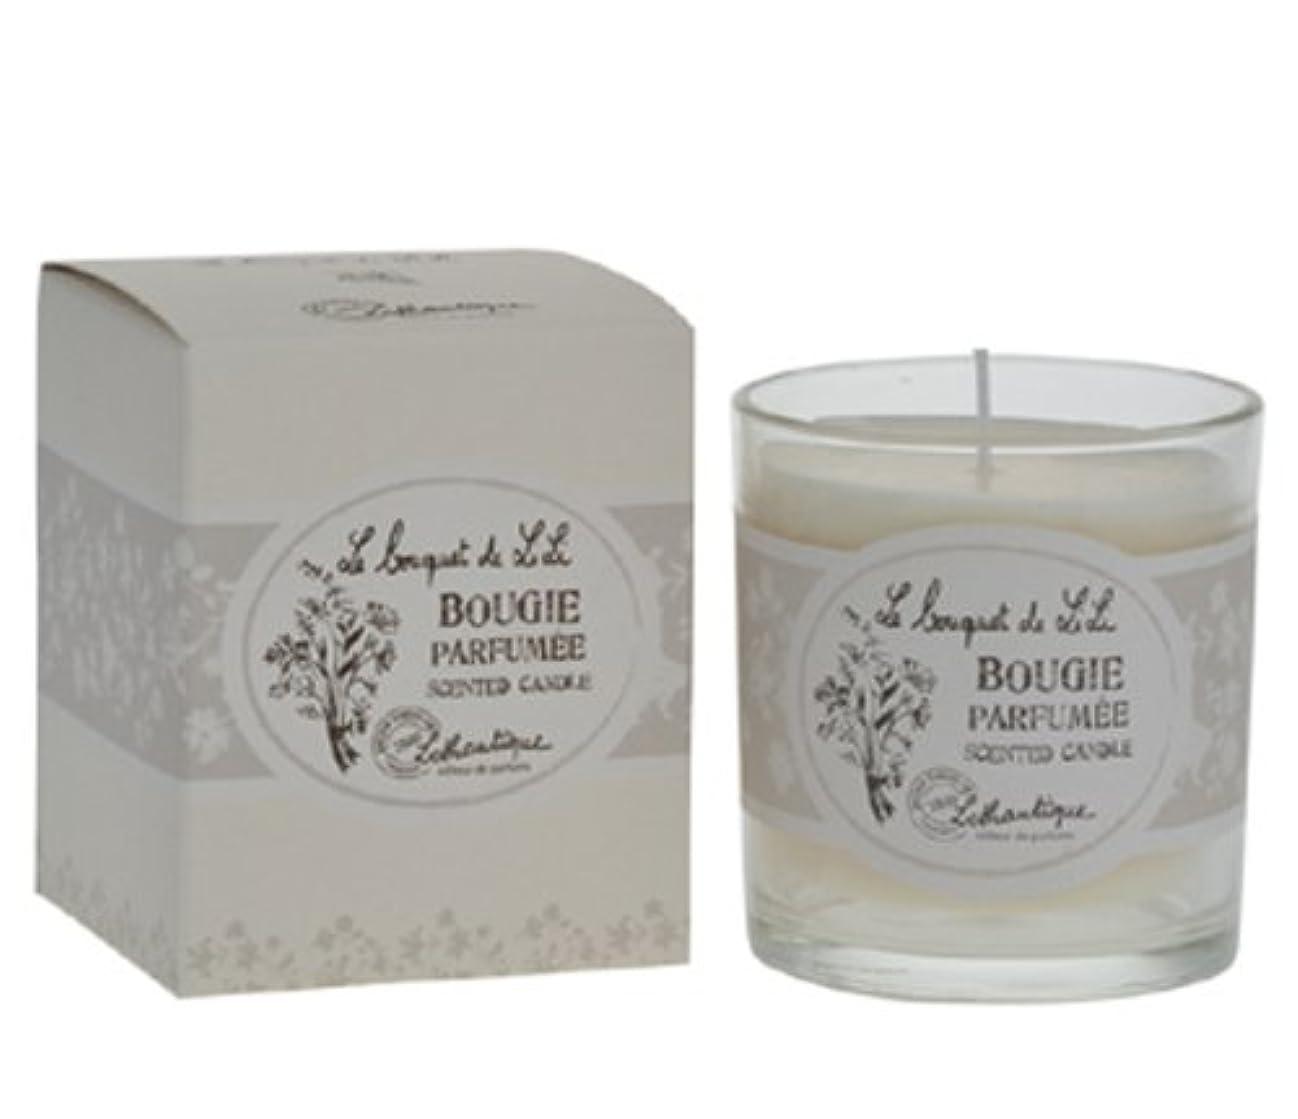 タフアルファベット順堂々たるLothantique(ロタンティック) Le bouquet de LiLi(ブーケドゥリリシリーズ) キャンドル 140g 3420070029065